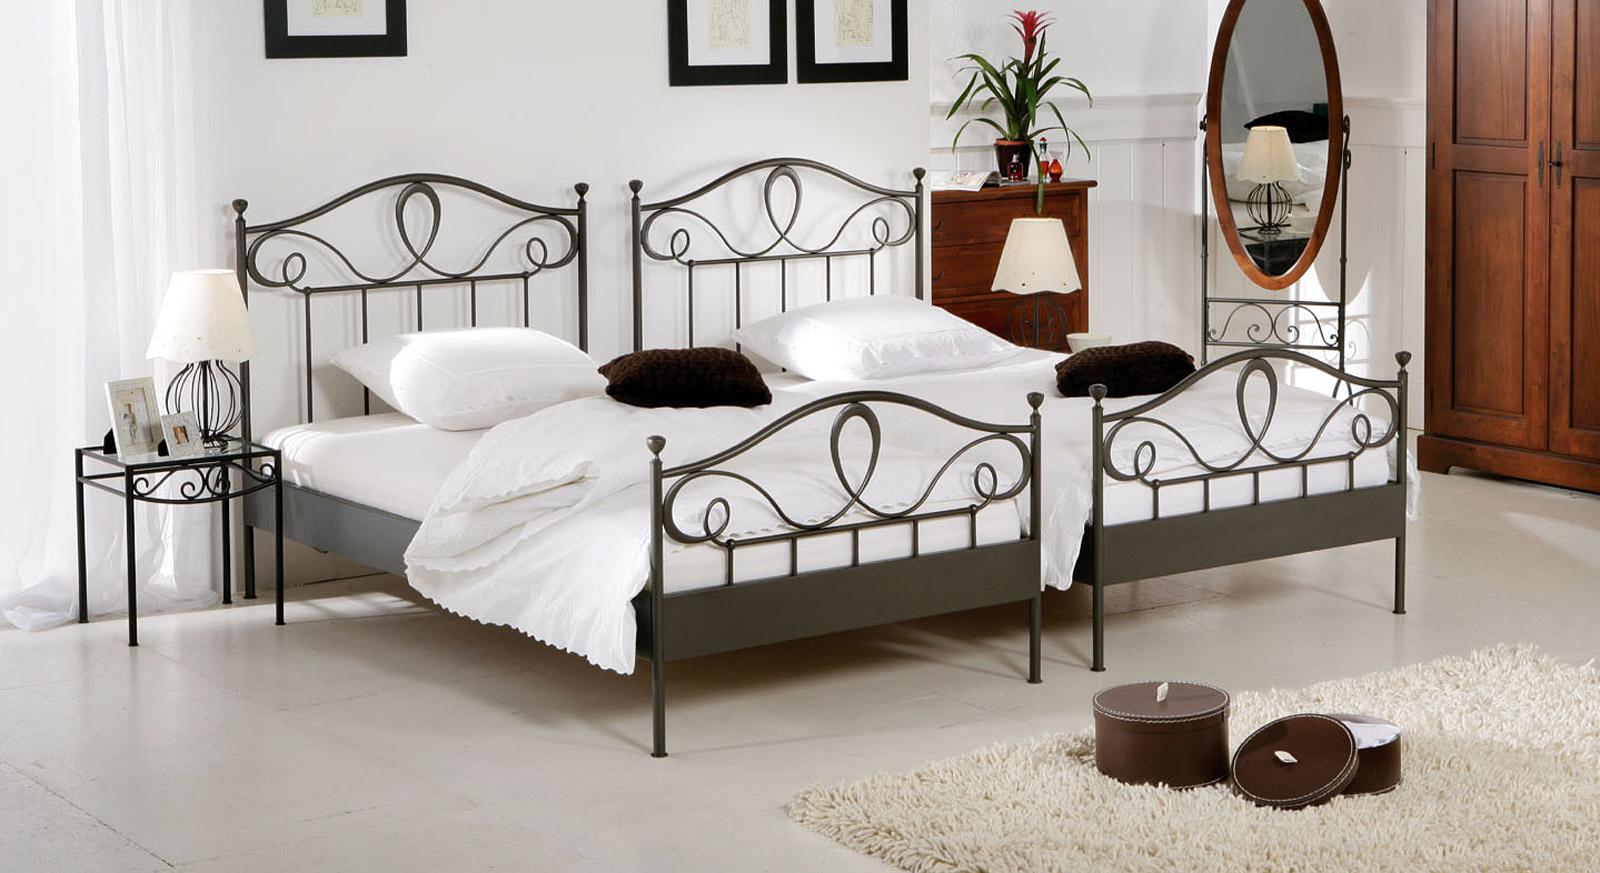 Bezaubernd Bett Romantisch Galerie Von Zwei Schmale Bettgestelle Nebeneinander Können Als Stilvolles